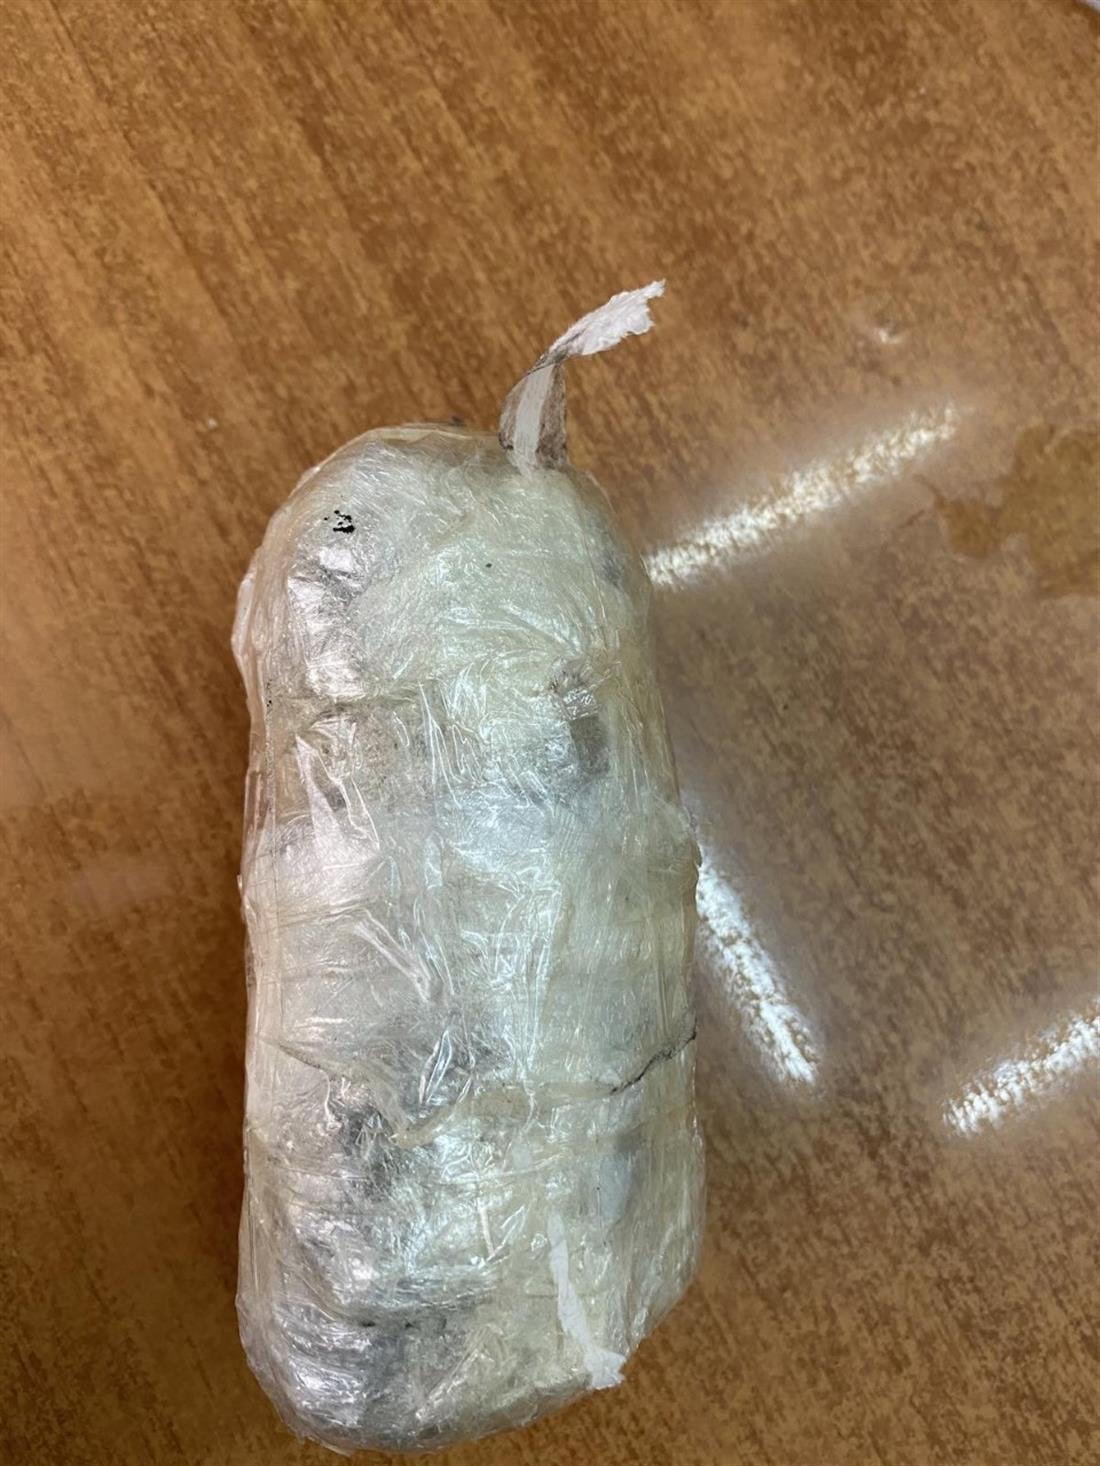 Ναρκωτικά - Φυλακές Μαλανδρίνου- Σωφρονιστικός